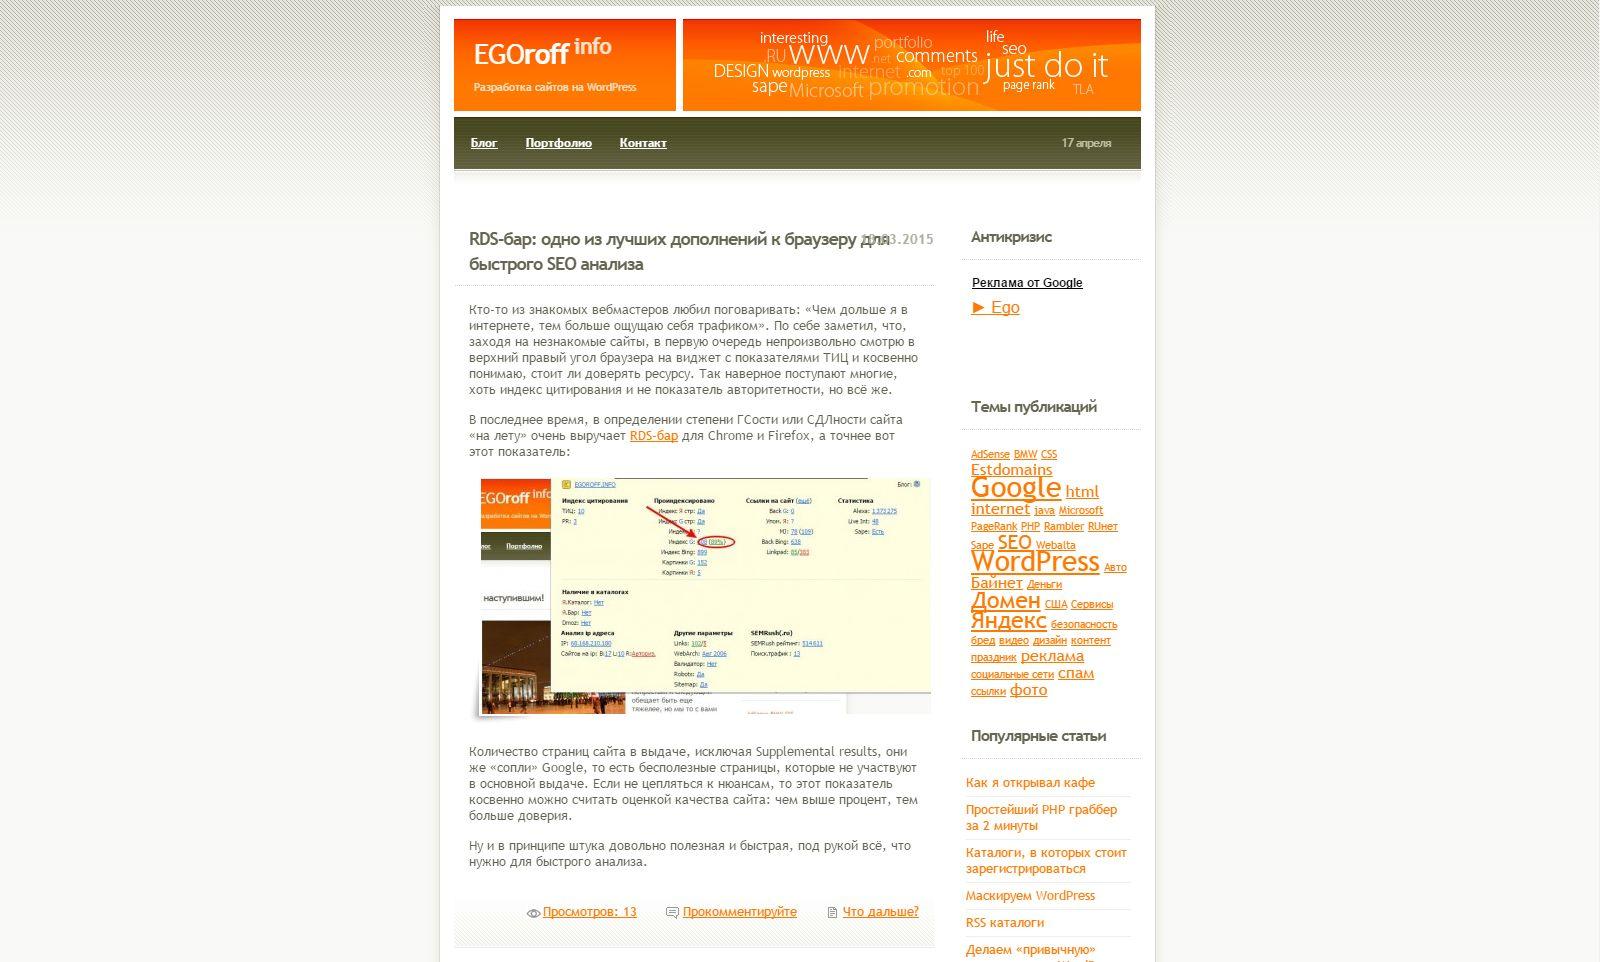 Скрин egoroff.info